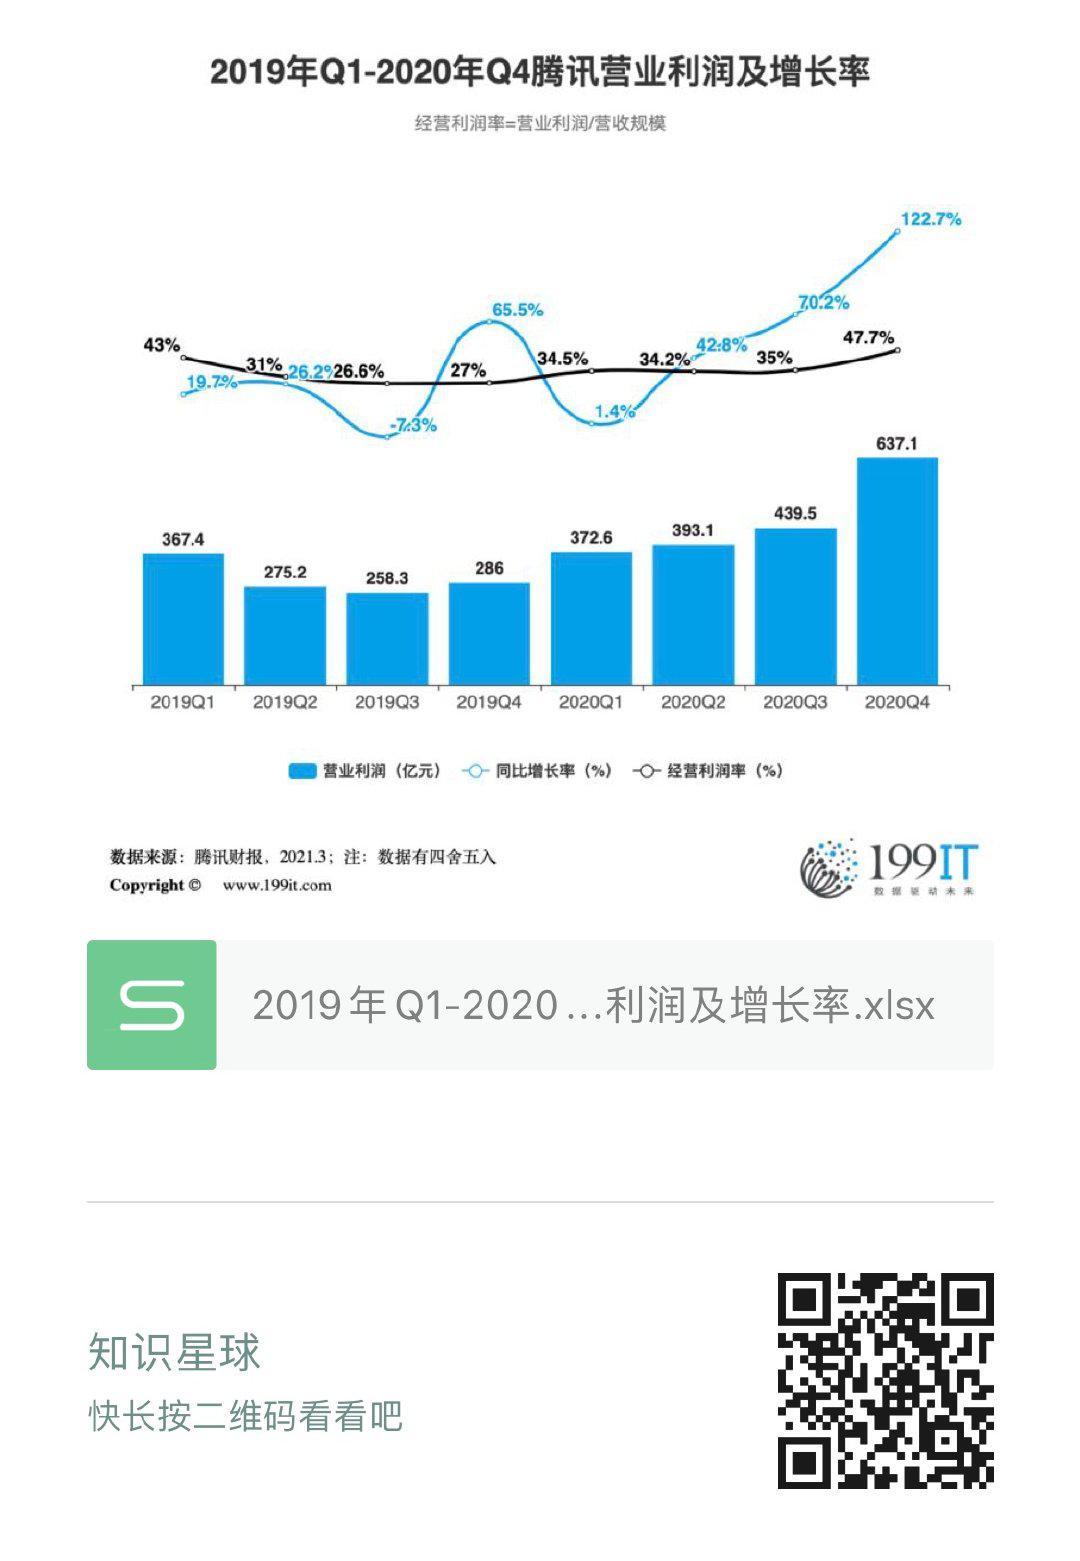 2019年Q1-2020年Q4騰訊營業利潤及增長率(附原資料表) 